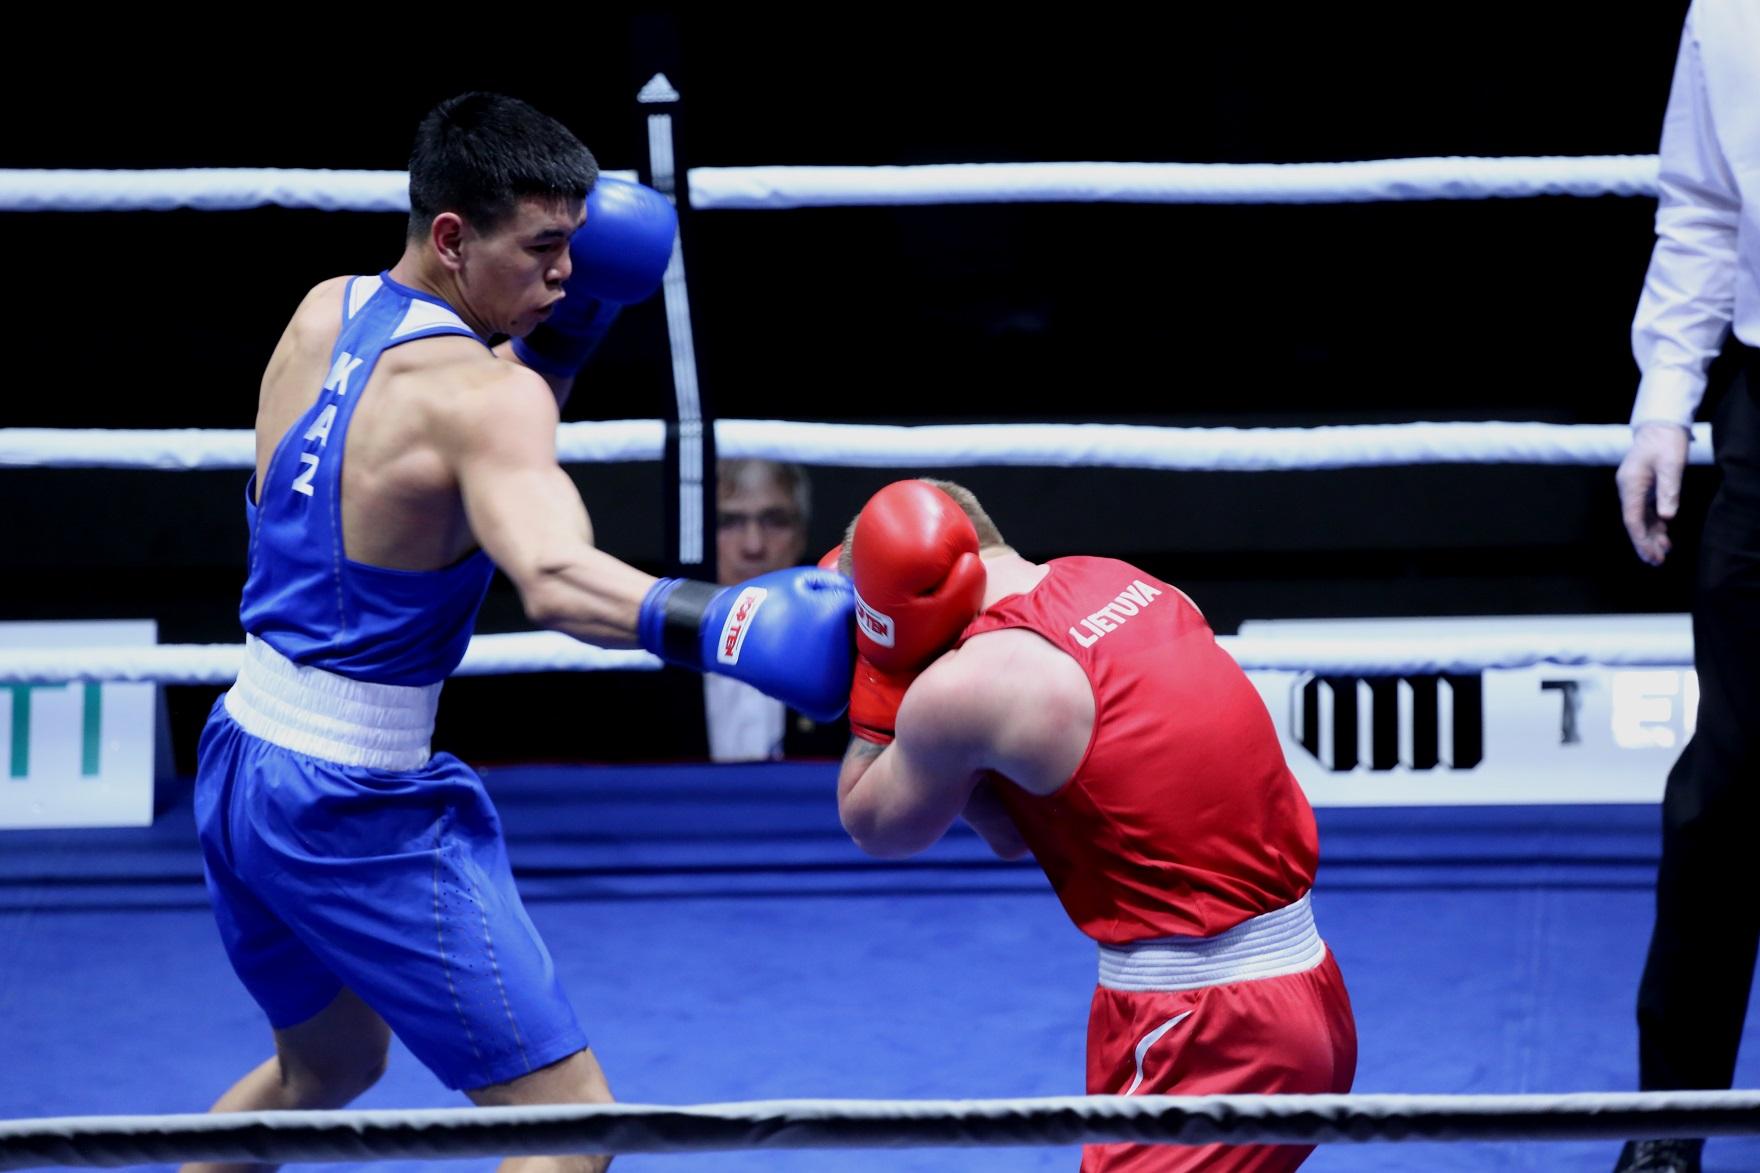 С кем казахстанцы встретятся в финале турнира в Финляндии